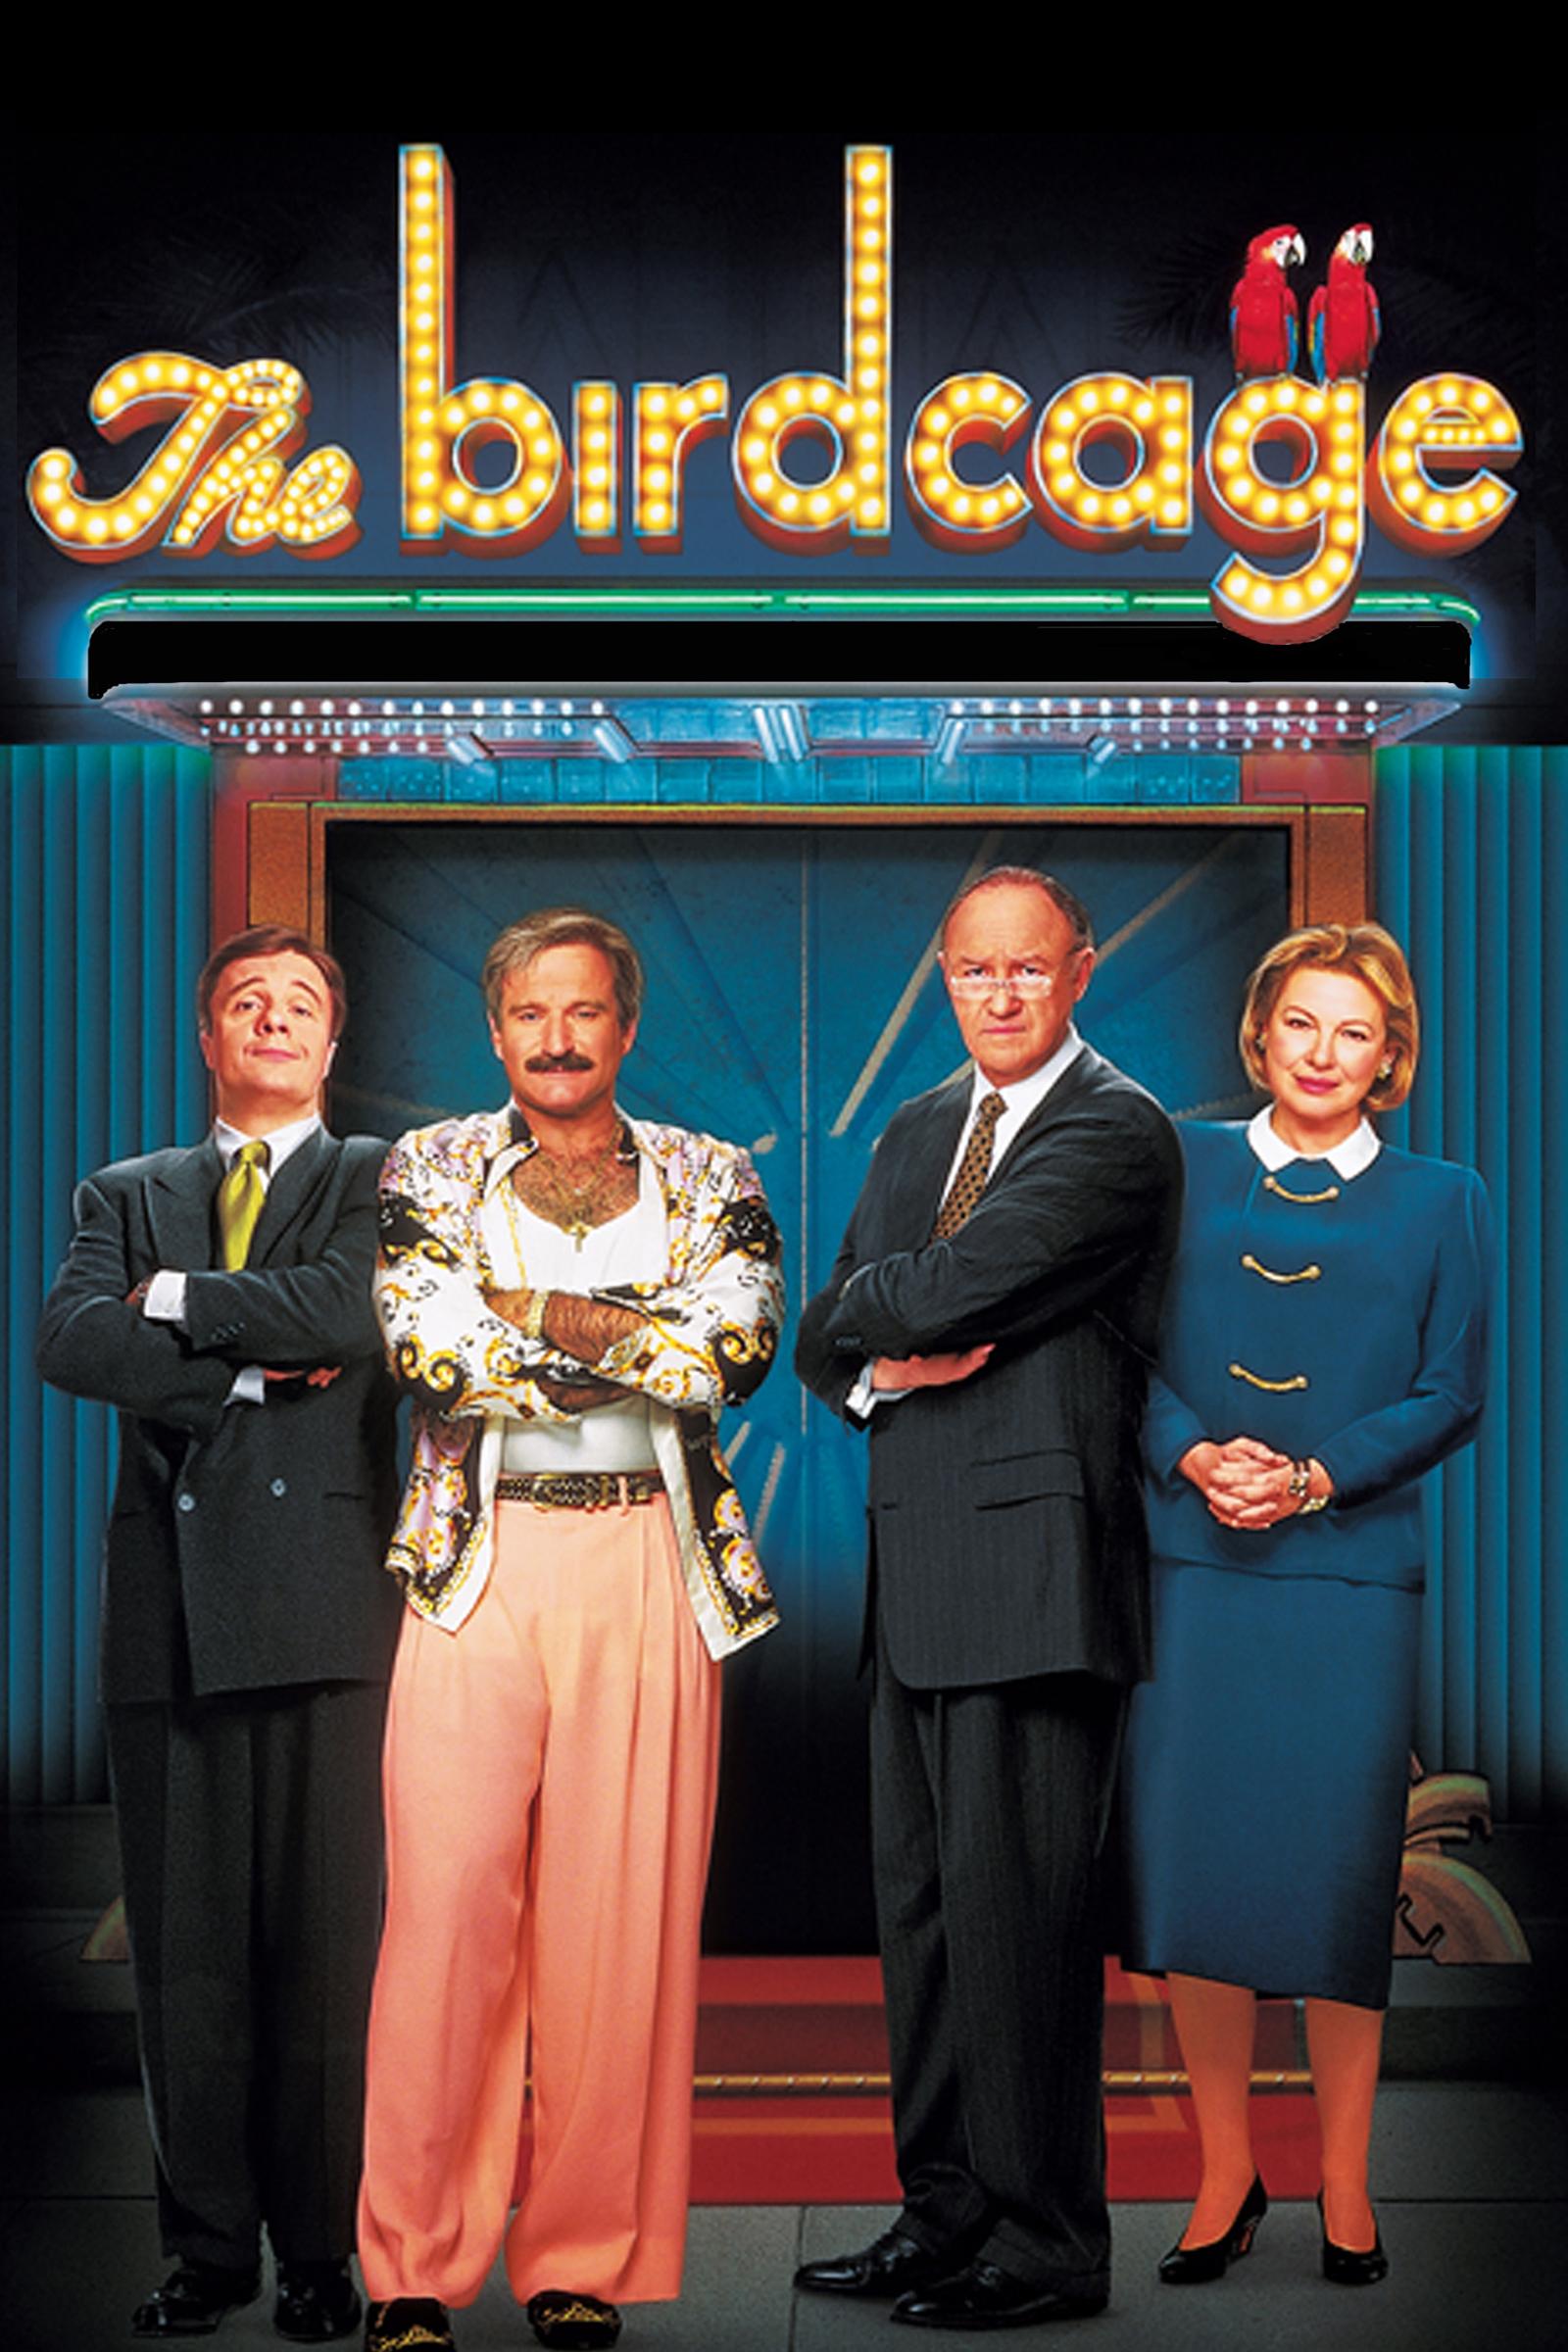 84 The Birdcage.jpg